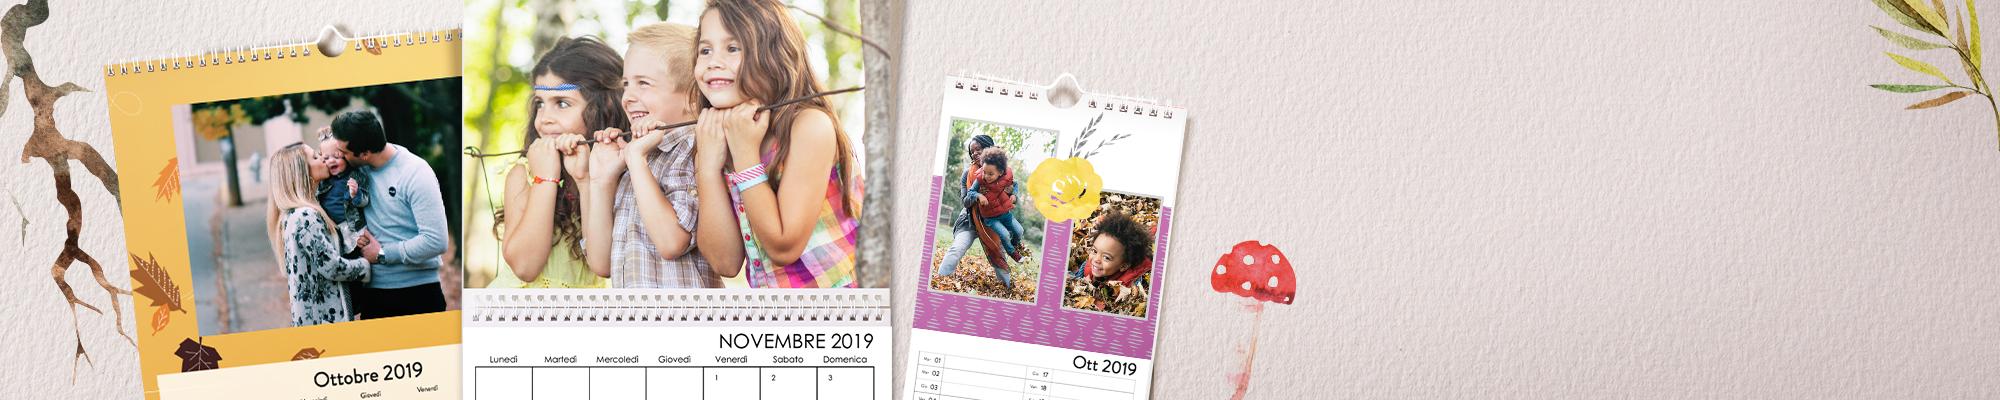 Foto Calendari Personalizzati Crea il tuo calendario. 365 giorni delle tue foto preferite, personalizzate con testi, disegni e sfondi. Rendi unico il tuo 2019.